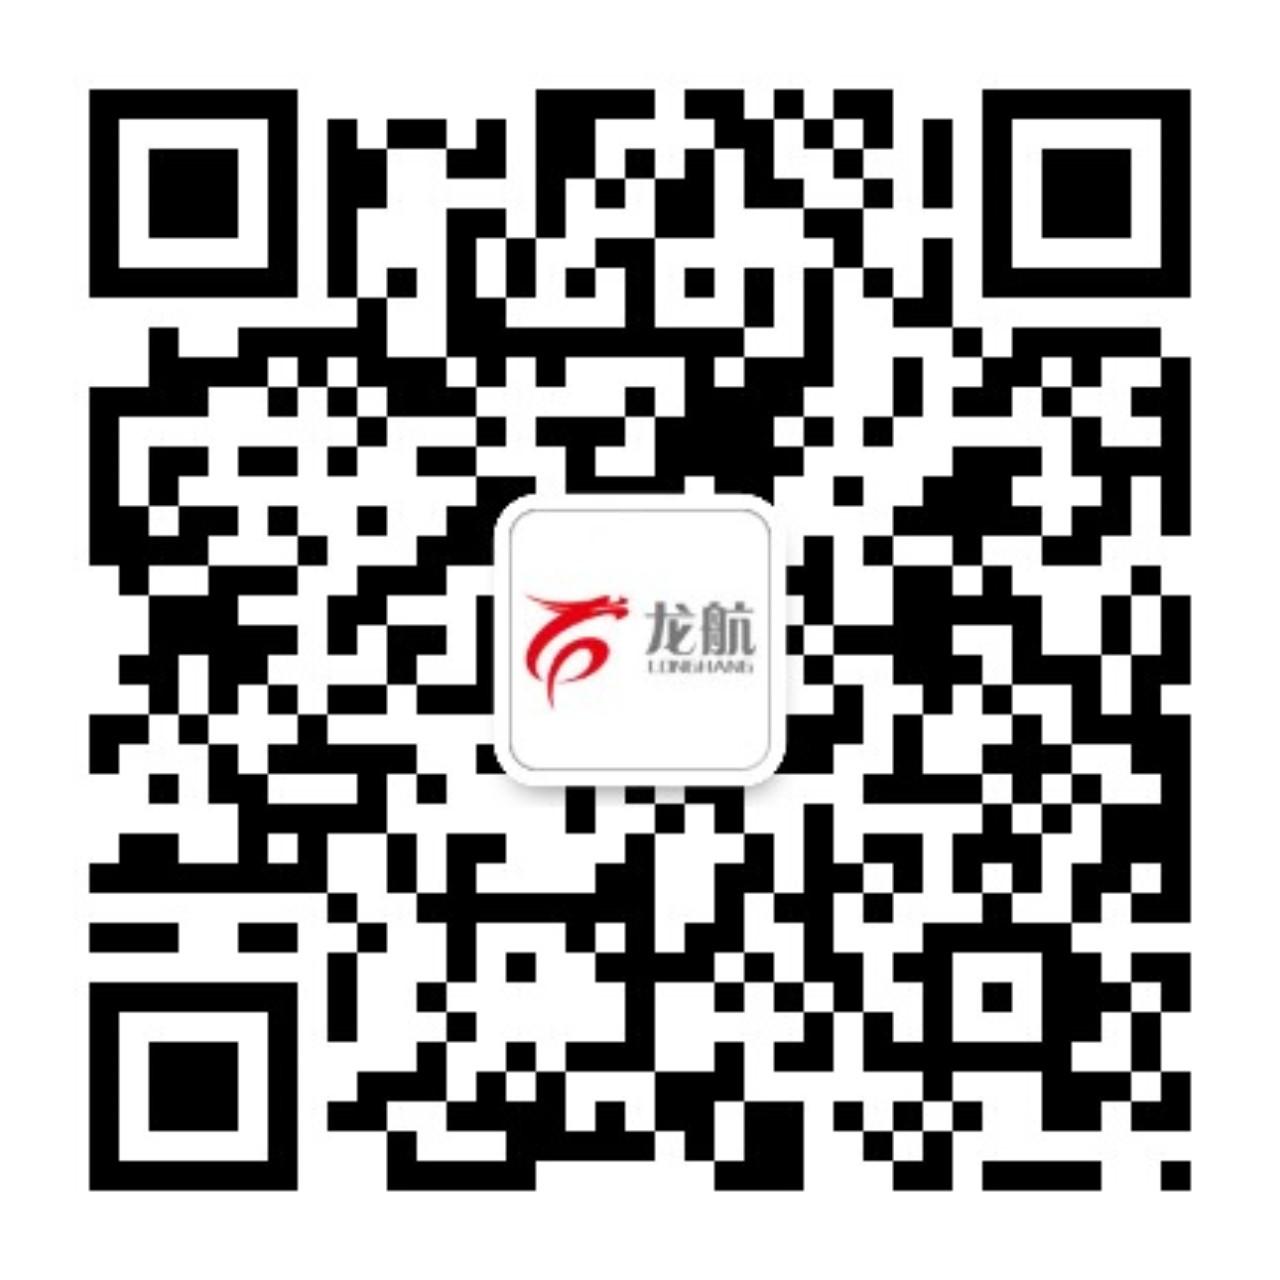 龙航无人机微信公众号二维码.jpg